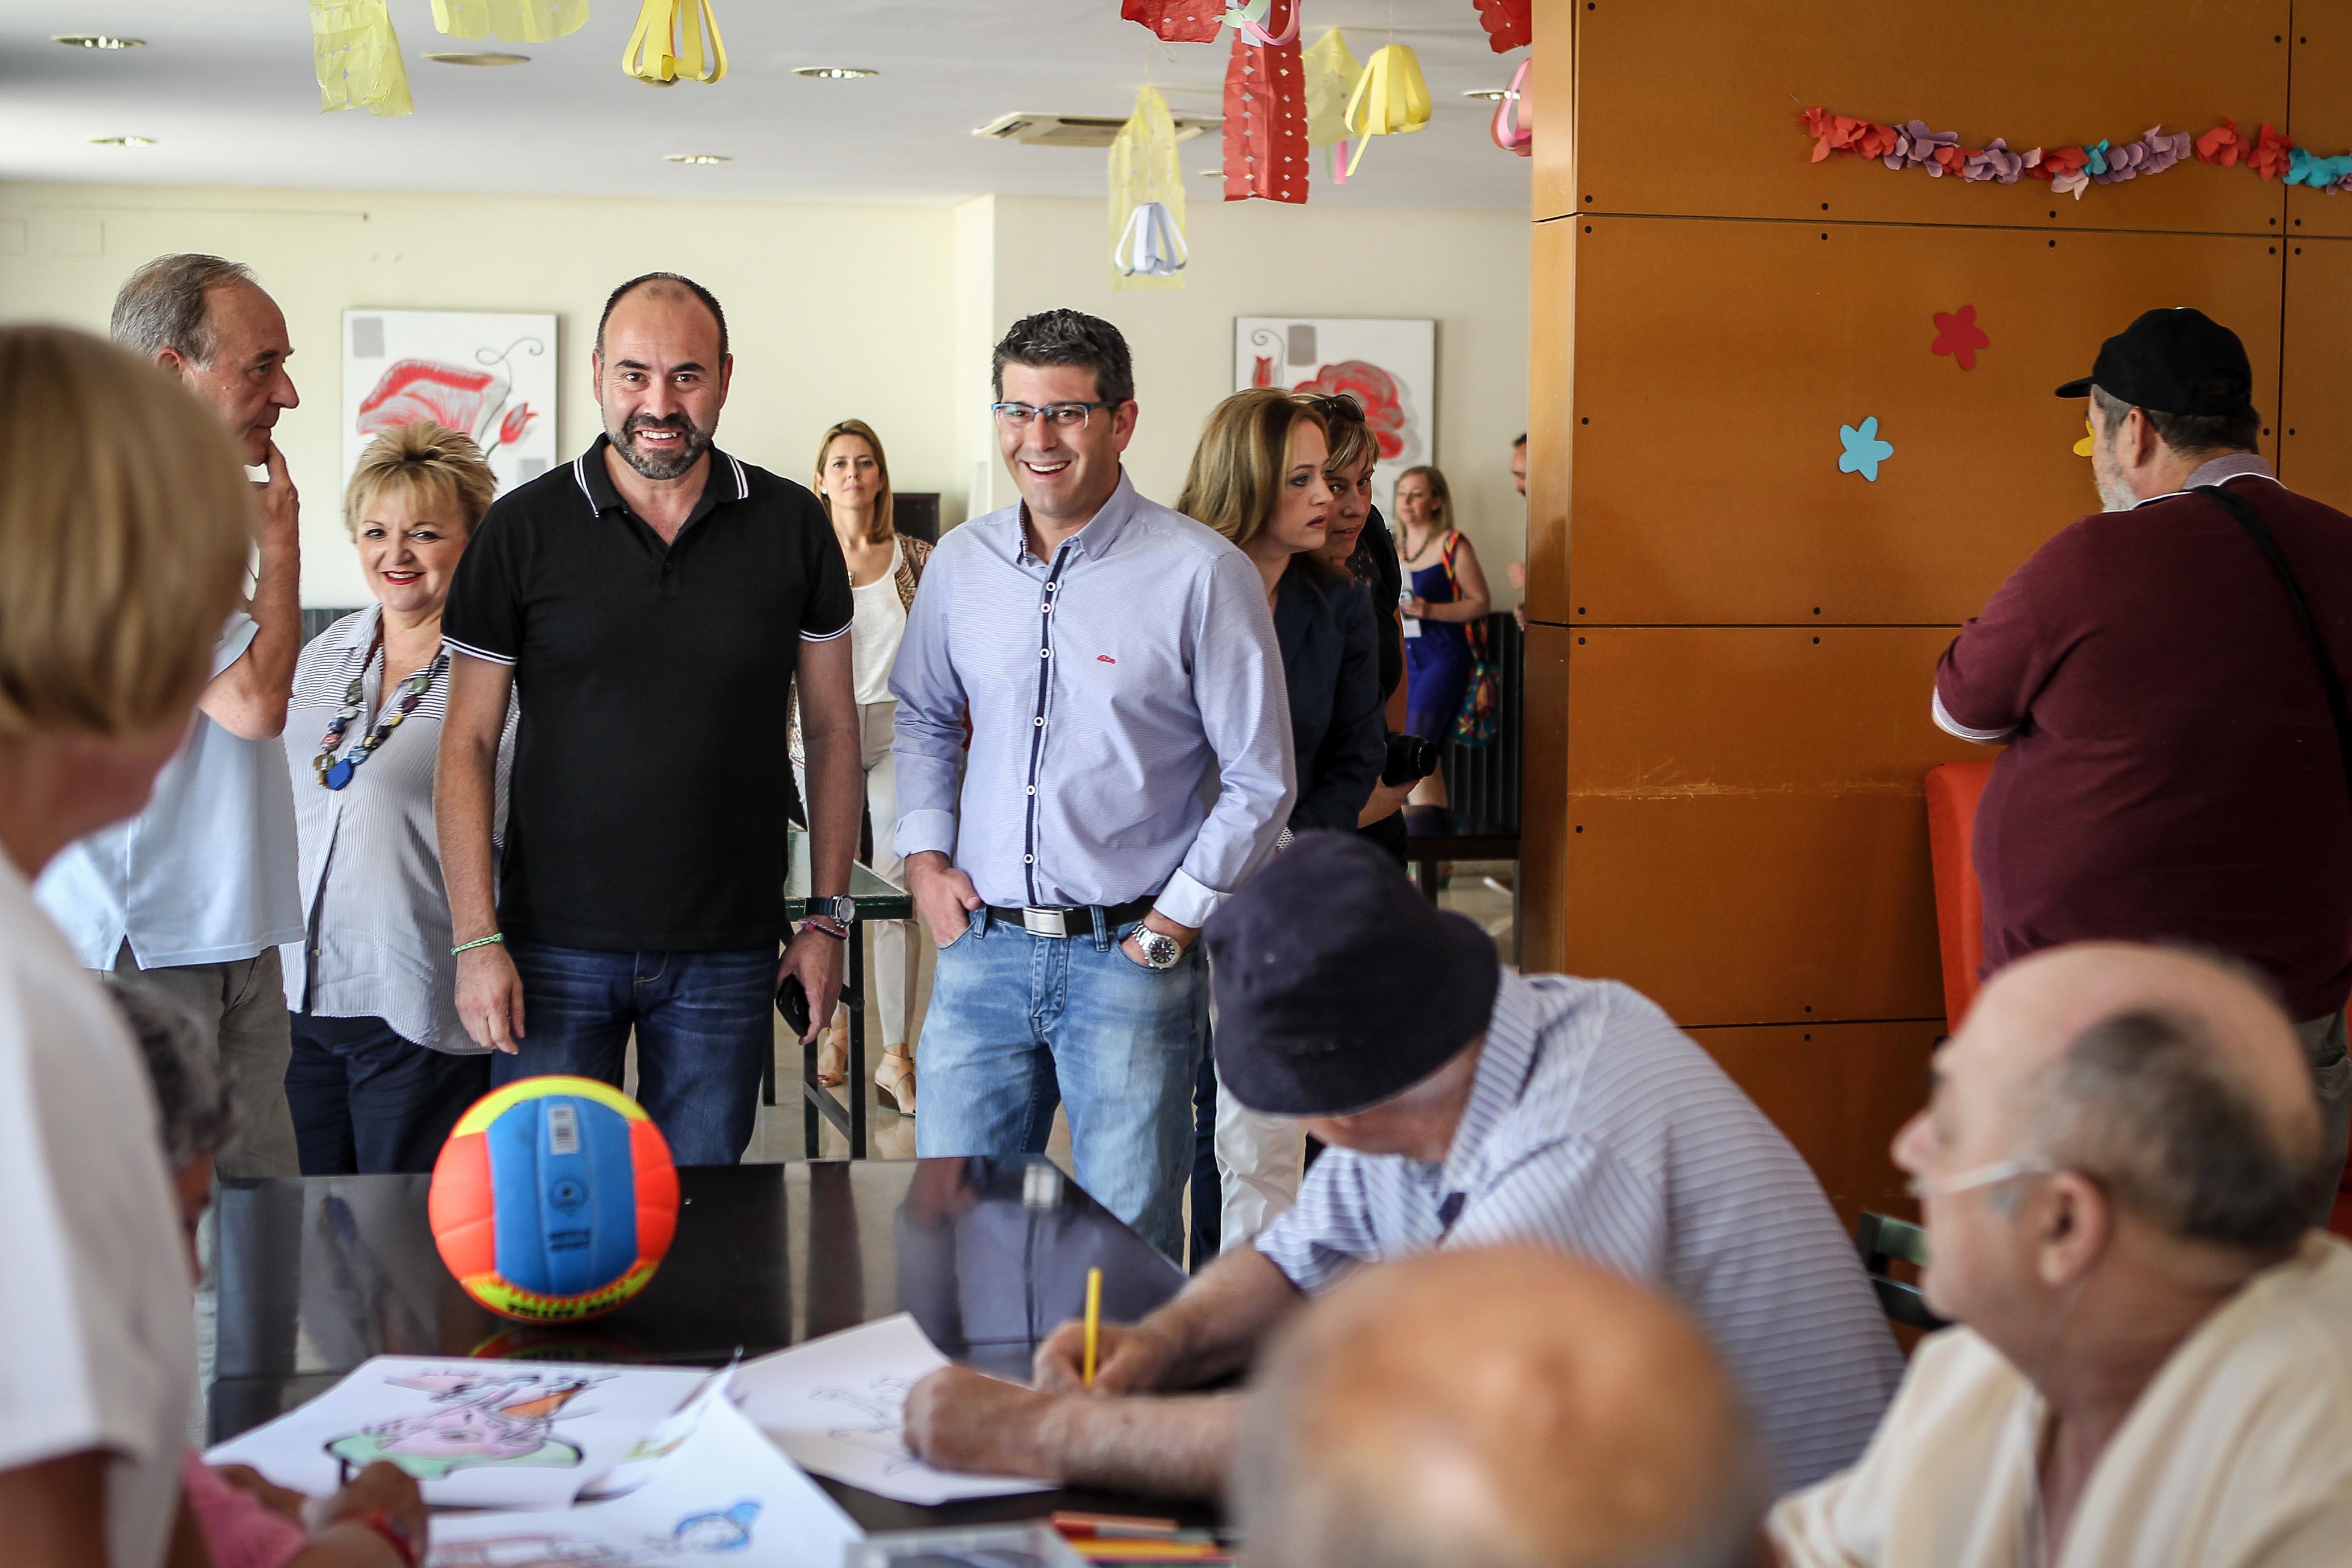 El presidente de la Diputación de Valencia, Jorge Rodríguez durante una visita a las instalaciones.